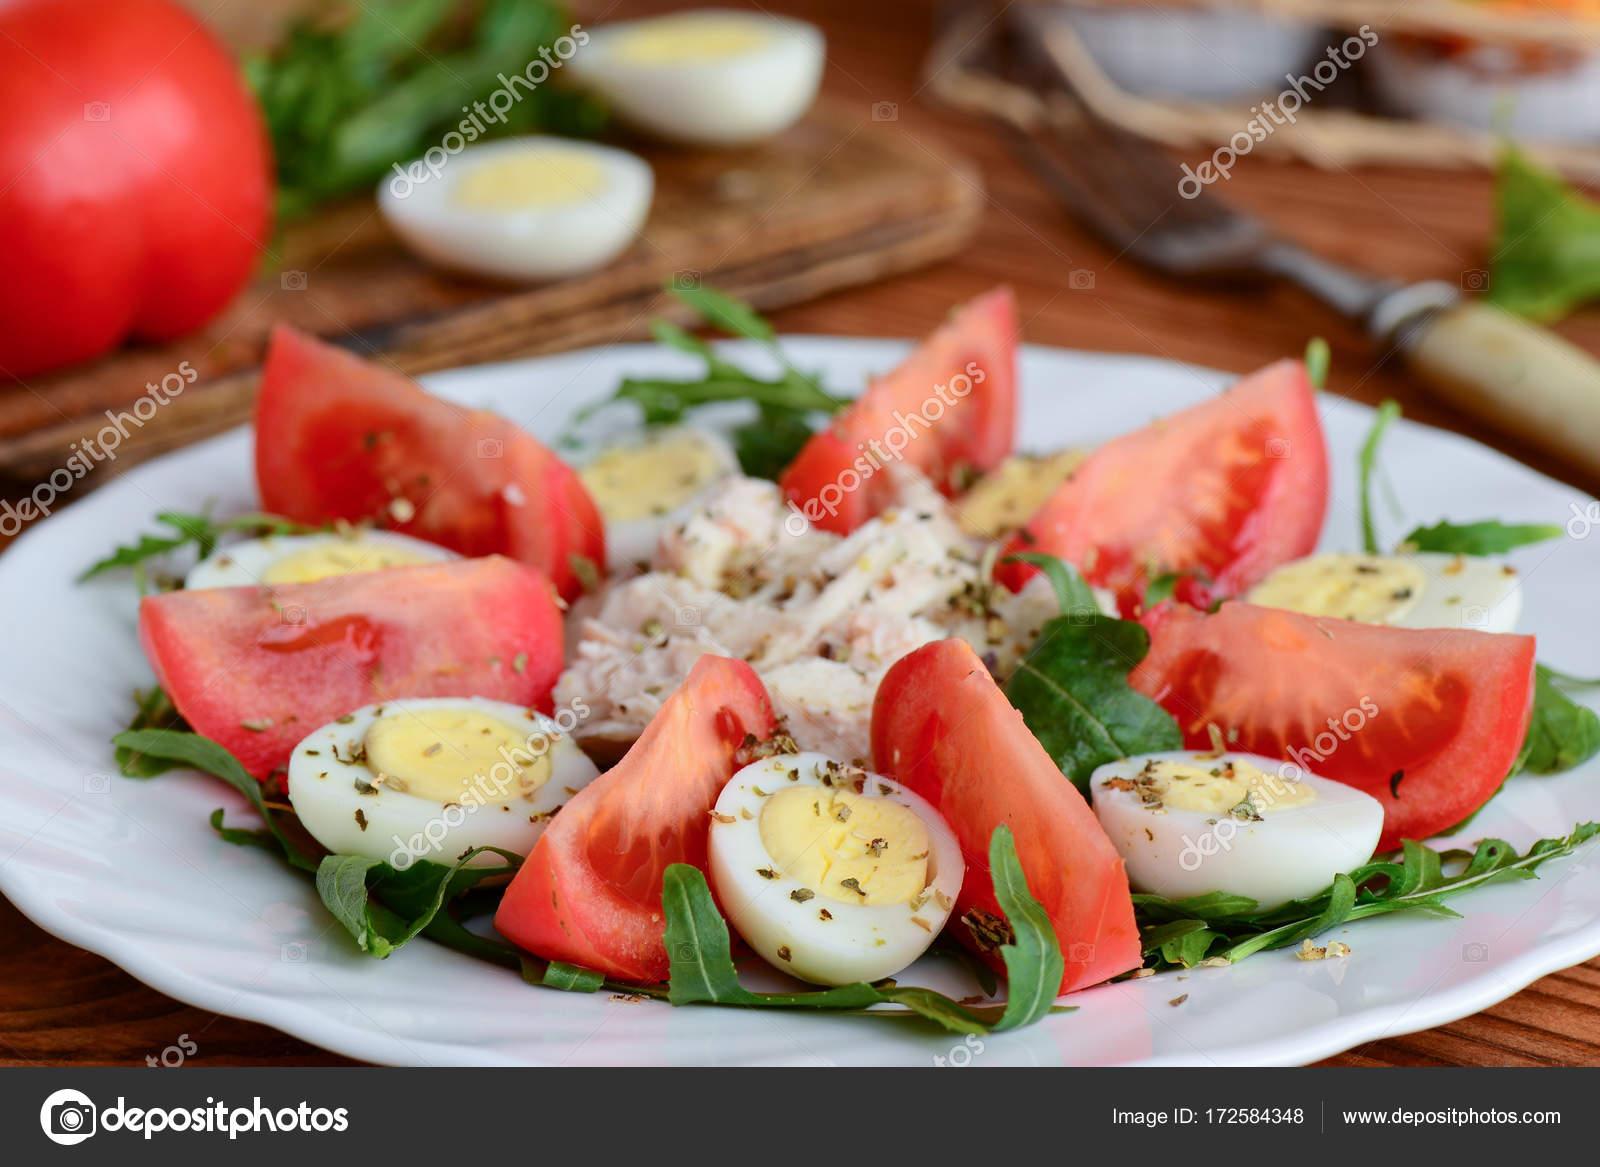 Idee Per Pranzi Sani : Idea di insalata di pollo vegetale leggero per il pranzo o la cena